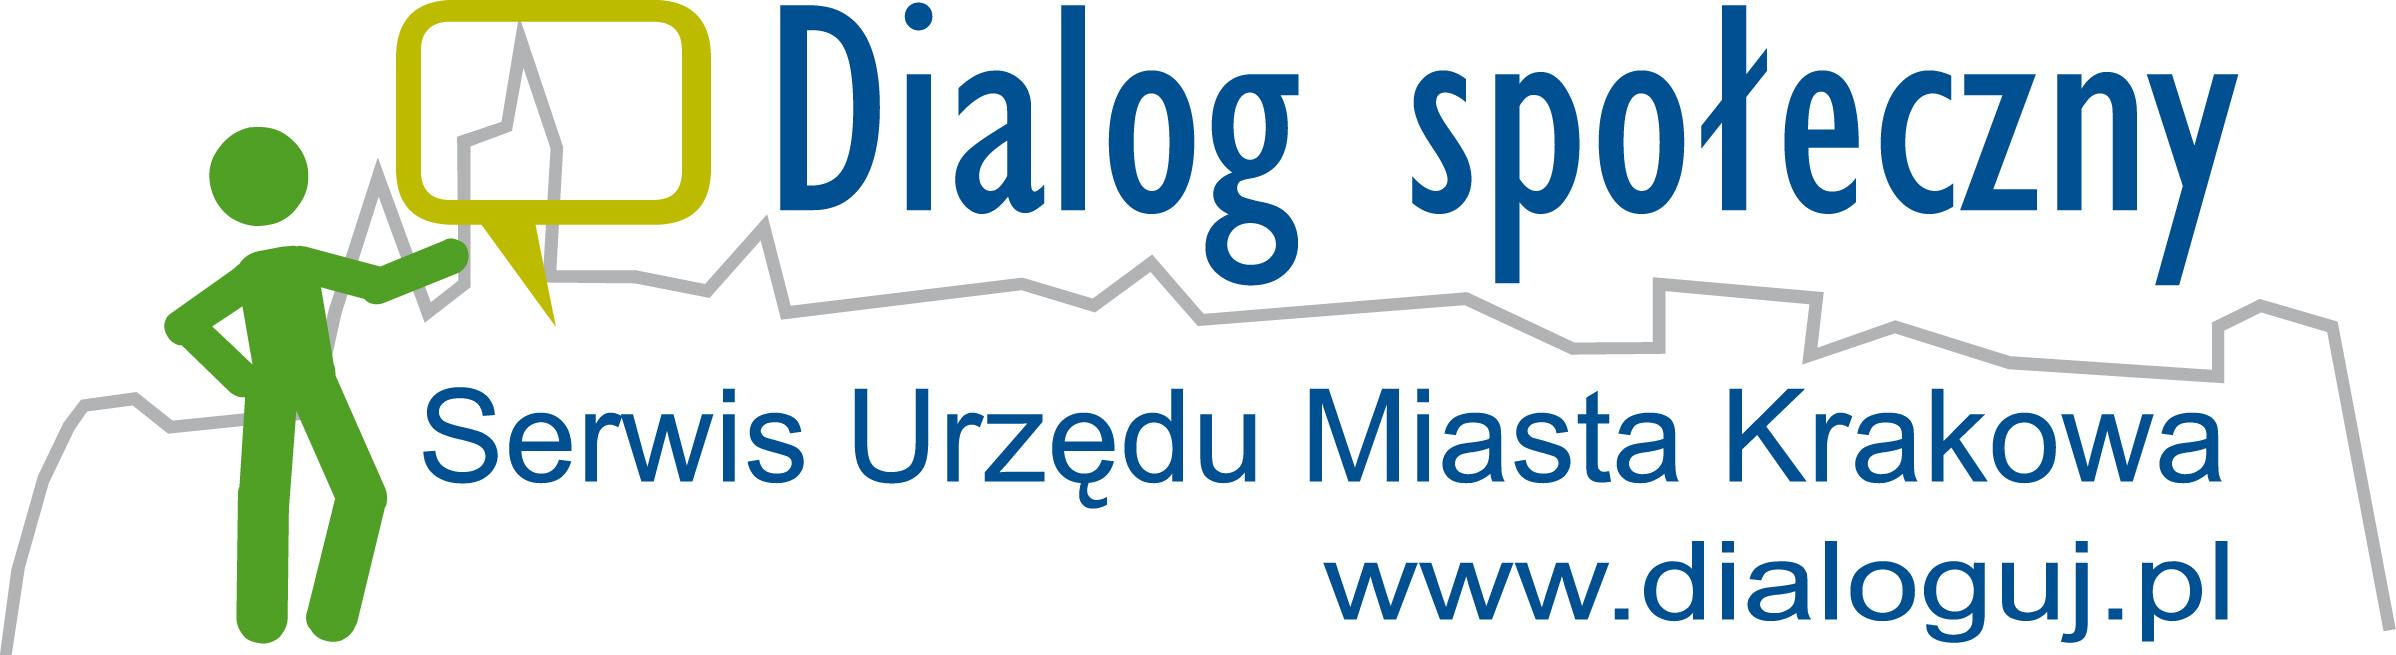 Wydział Rozwoju Miasta Urzędu Miasta Krakowa